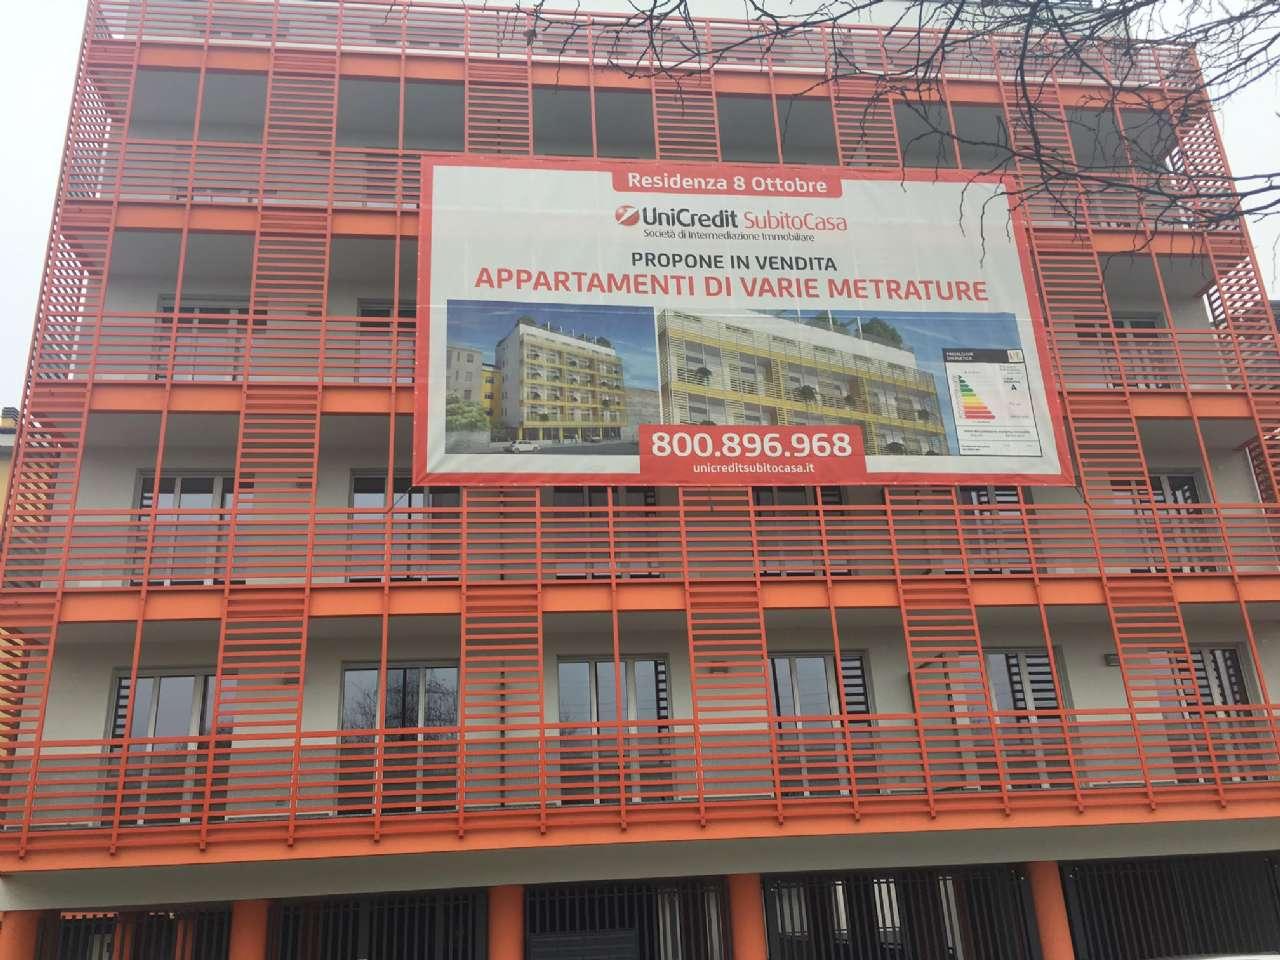 Bilocale Milano Via 8 Ottobre 1